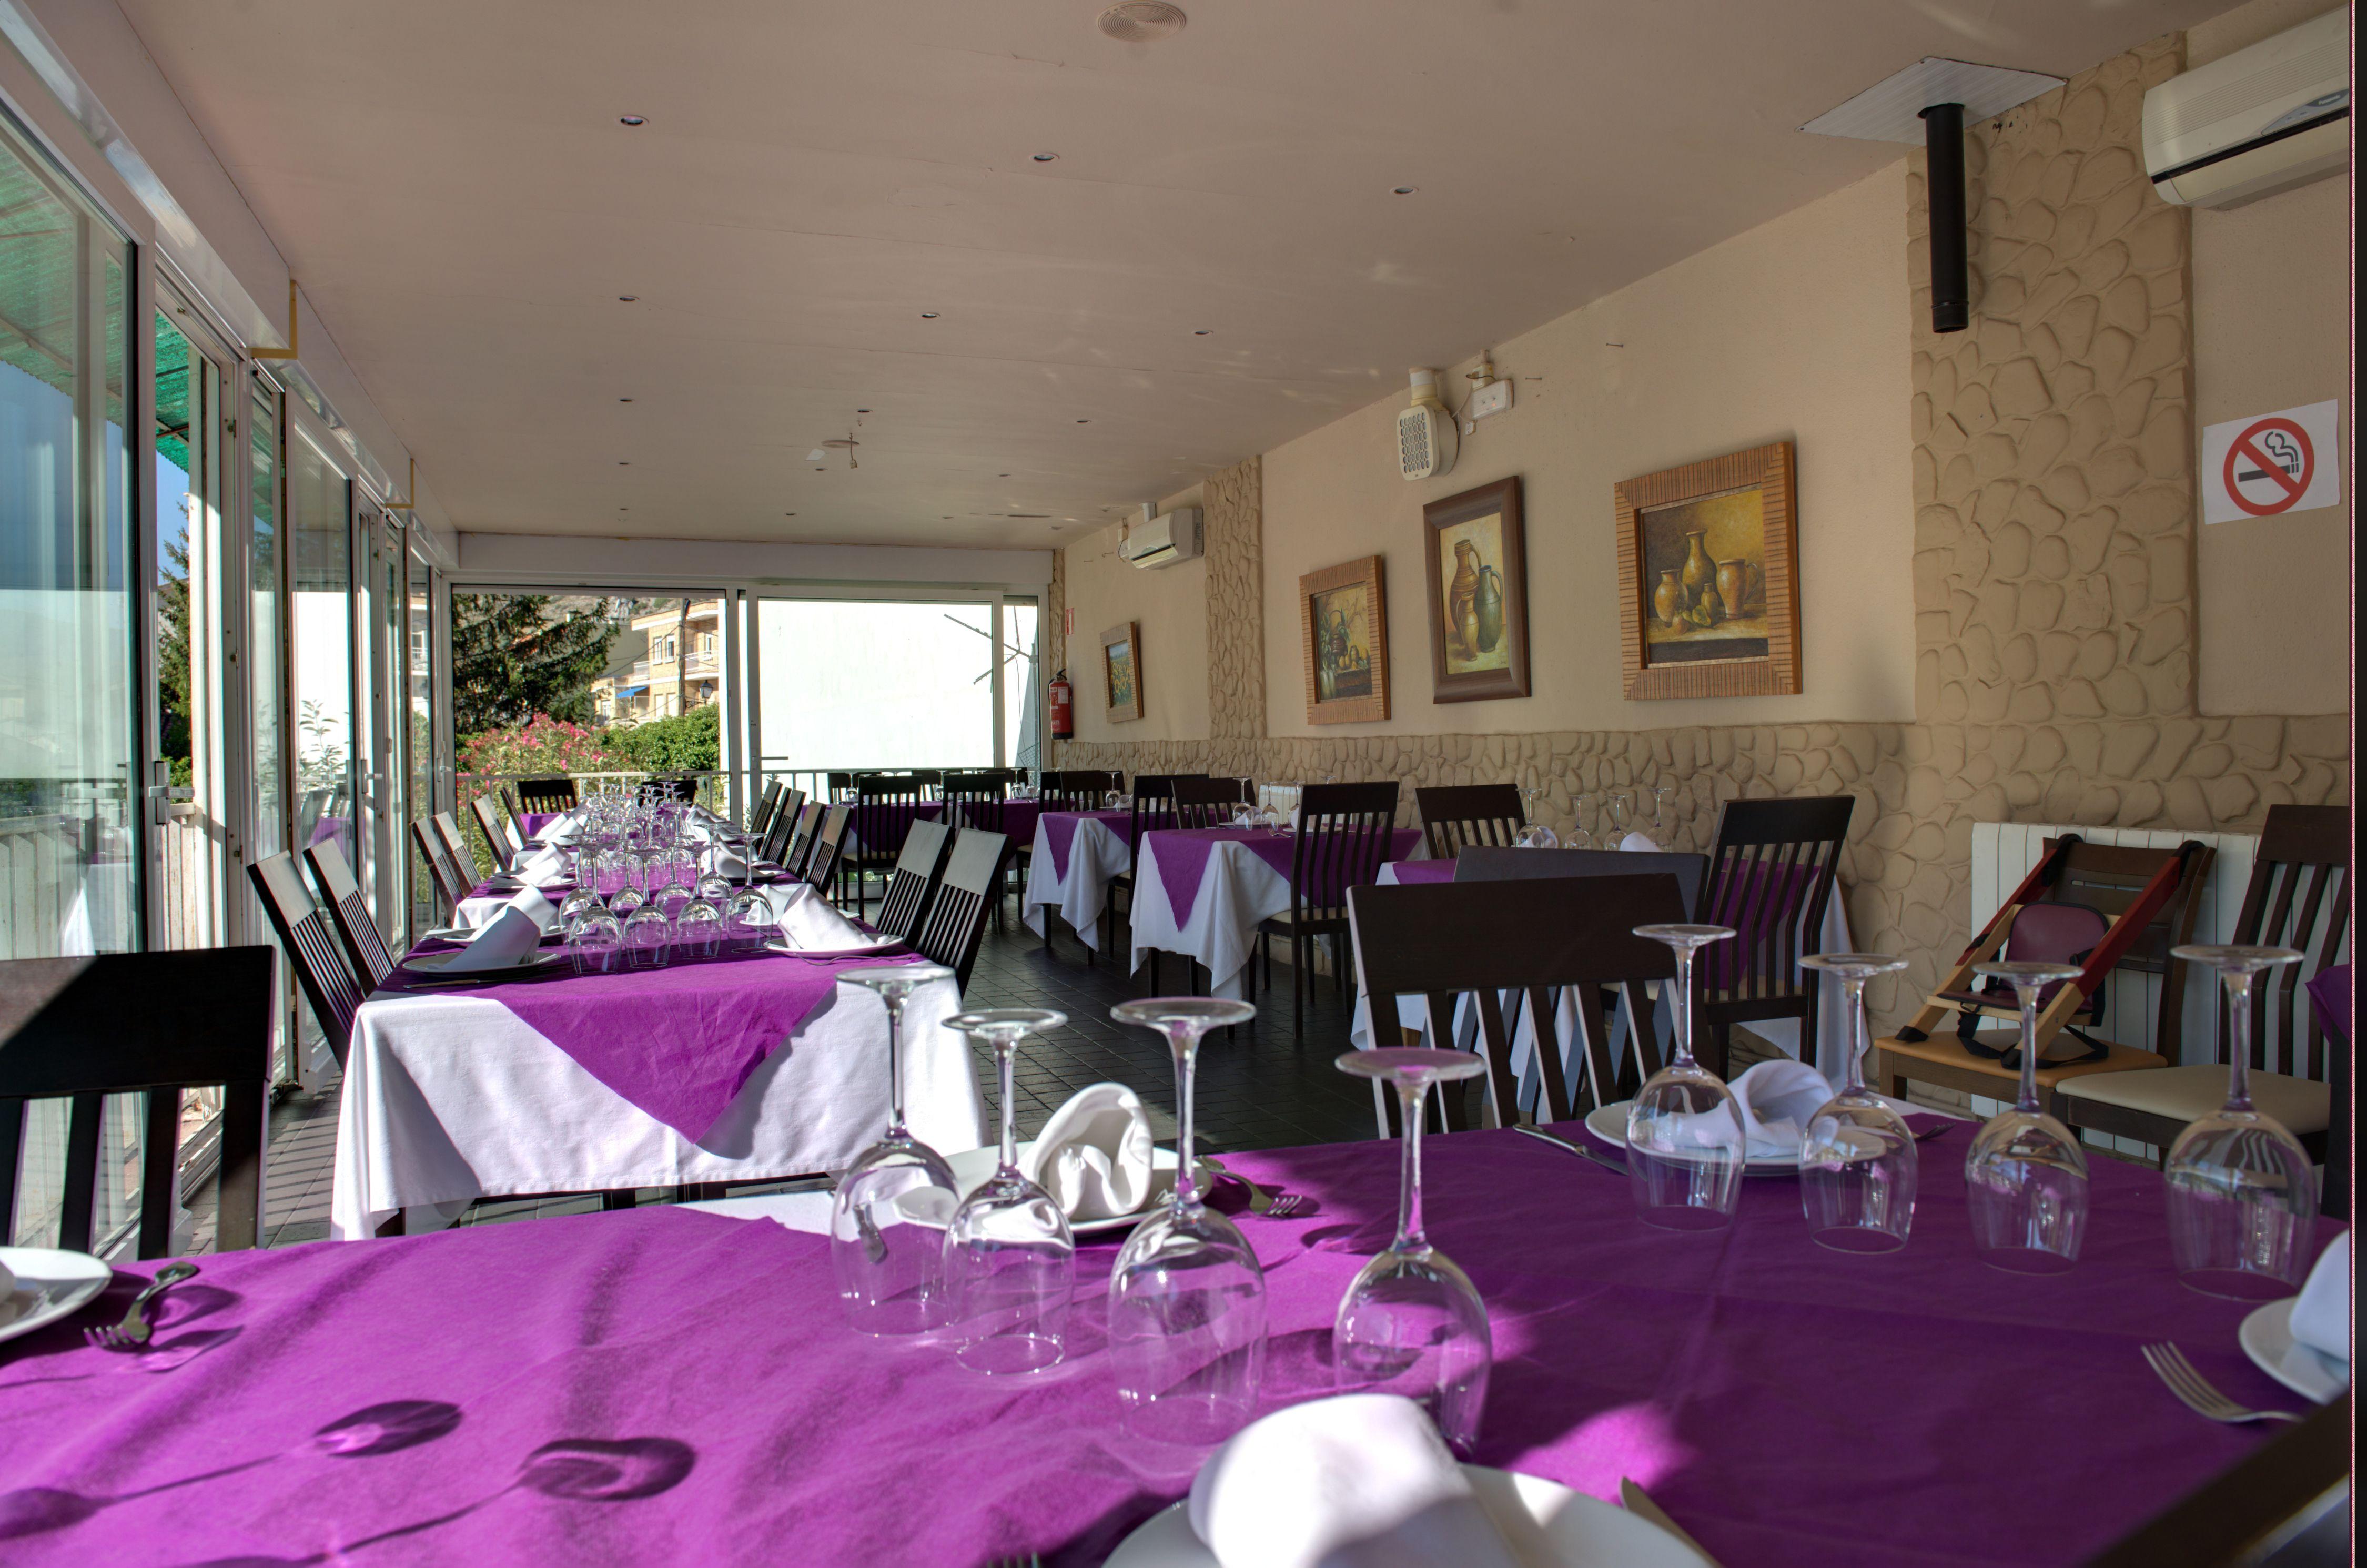 Servicio rápido y cuidado en nuestro restaurante de Arnedillo